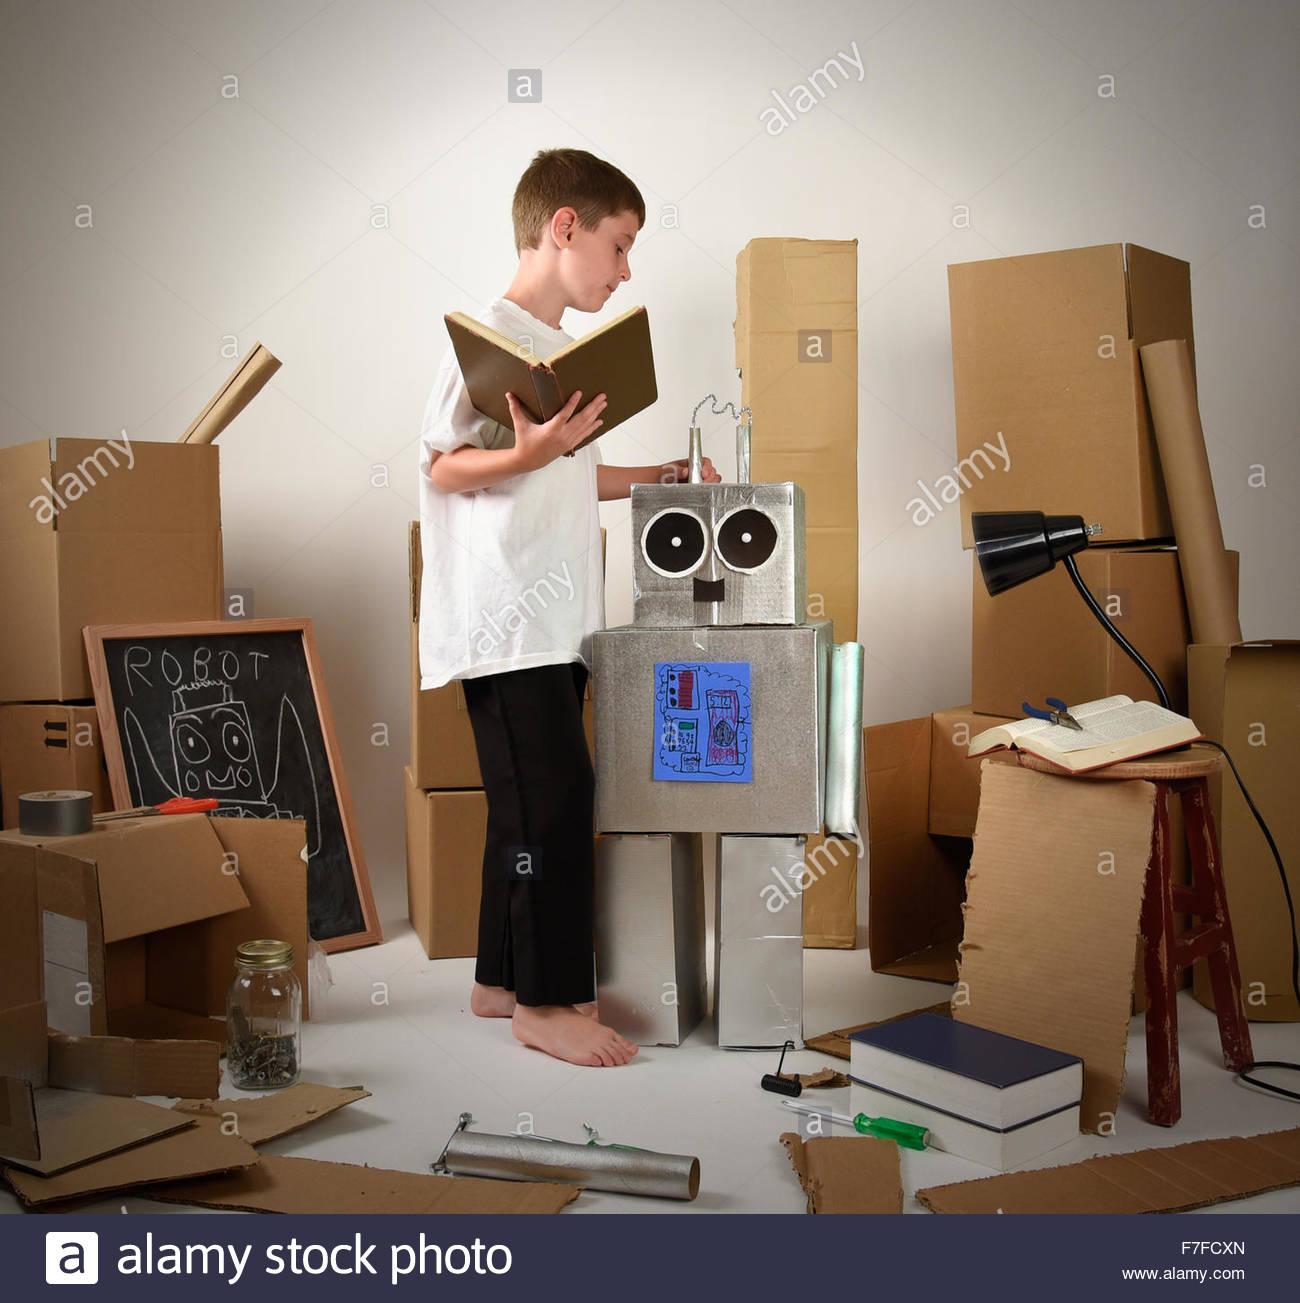 Ein Kind ist ein Buch zu lesen und bauen einen Roboter aus Pappkartons für eine Fantasie, Wissenschaft und Stockbild